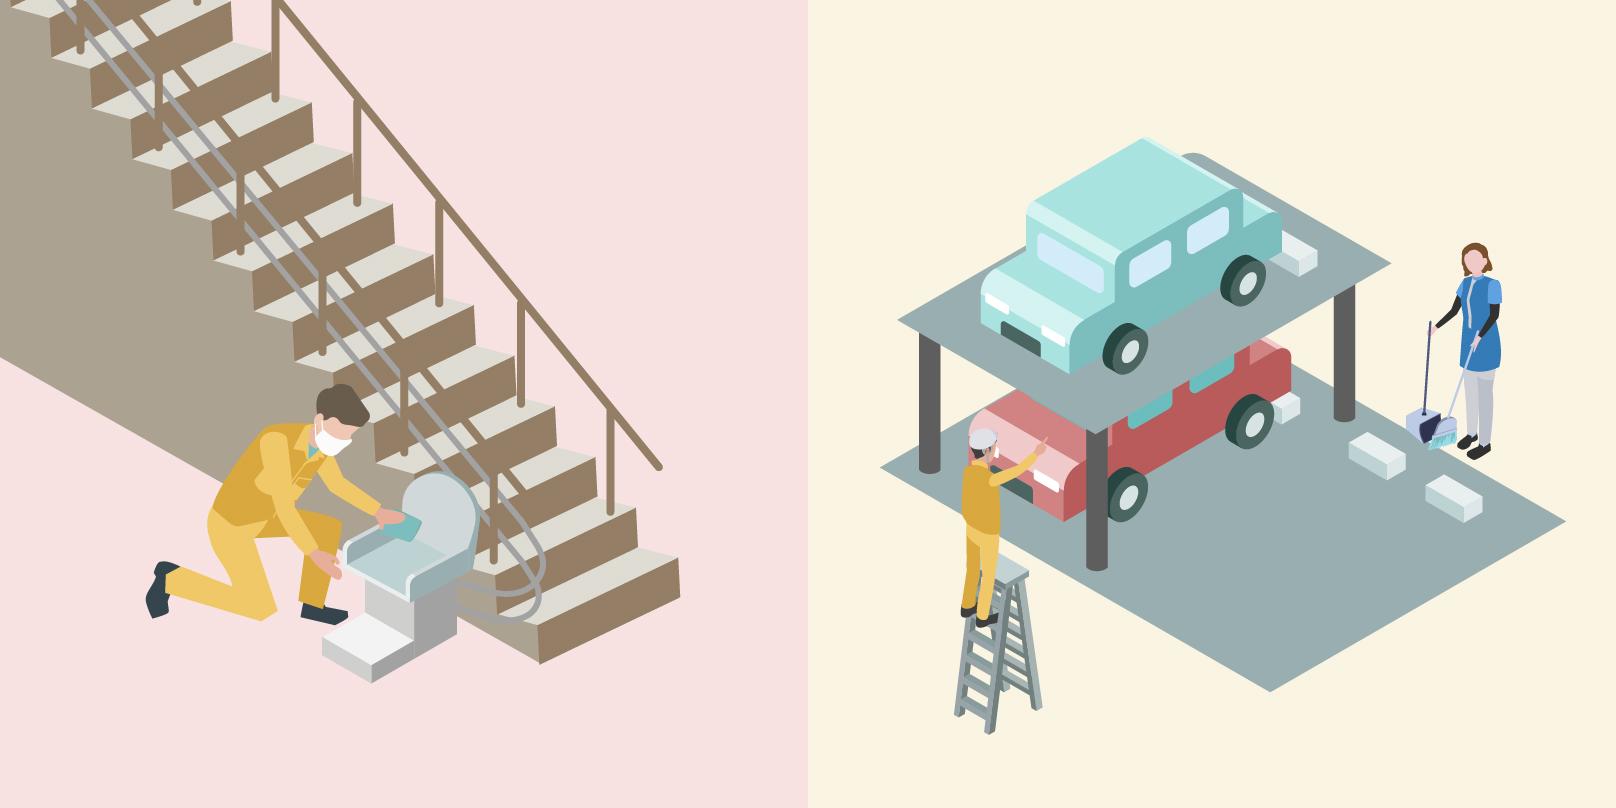 左側のイメージでは階段用昇降機を従業員の方が清掃しており、右側のイメージで、立体駐車場で手前側の従業員の方が整備をしており、奥にいる従業員の方が清掃しているイメージ